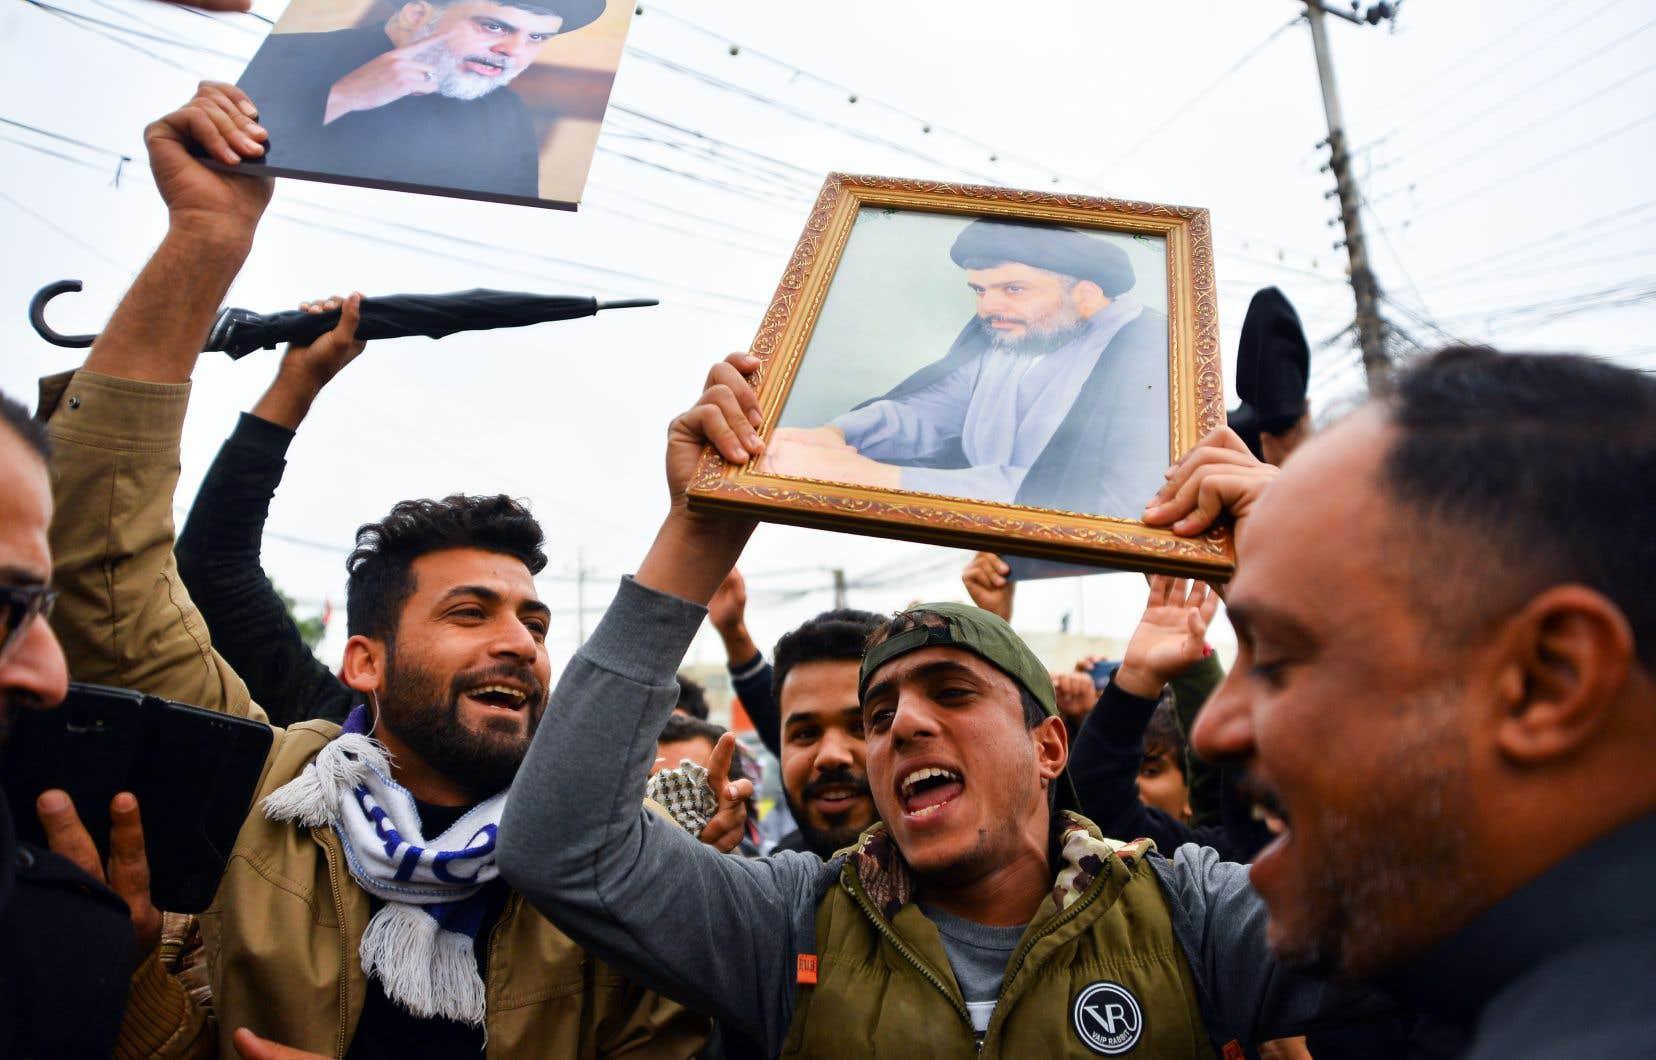 Samedi, les manifestants ont afflué plus nombreux sur la place Tahrir, épicentre de la contestation, et dans les villes du Sud, pour réclamer la chute du système tout entier.